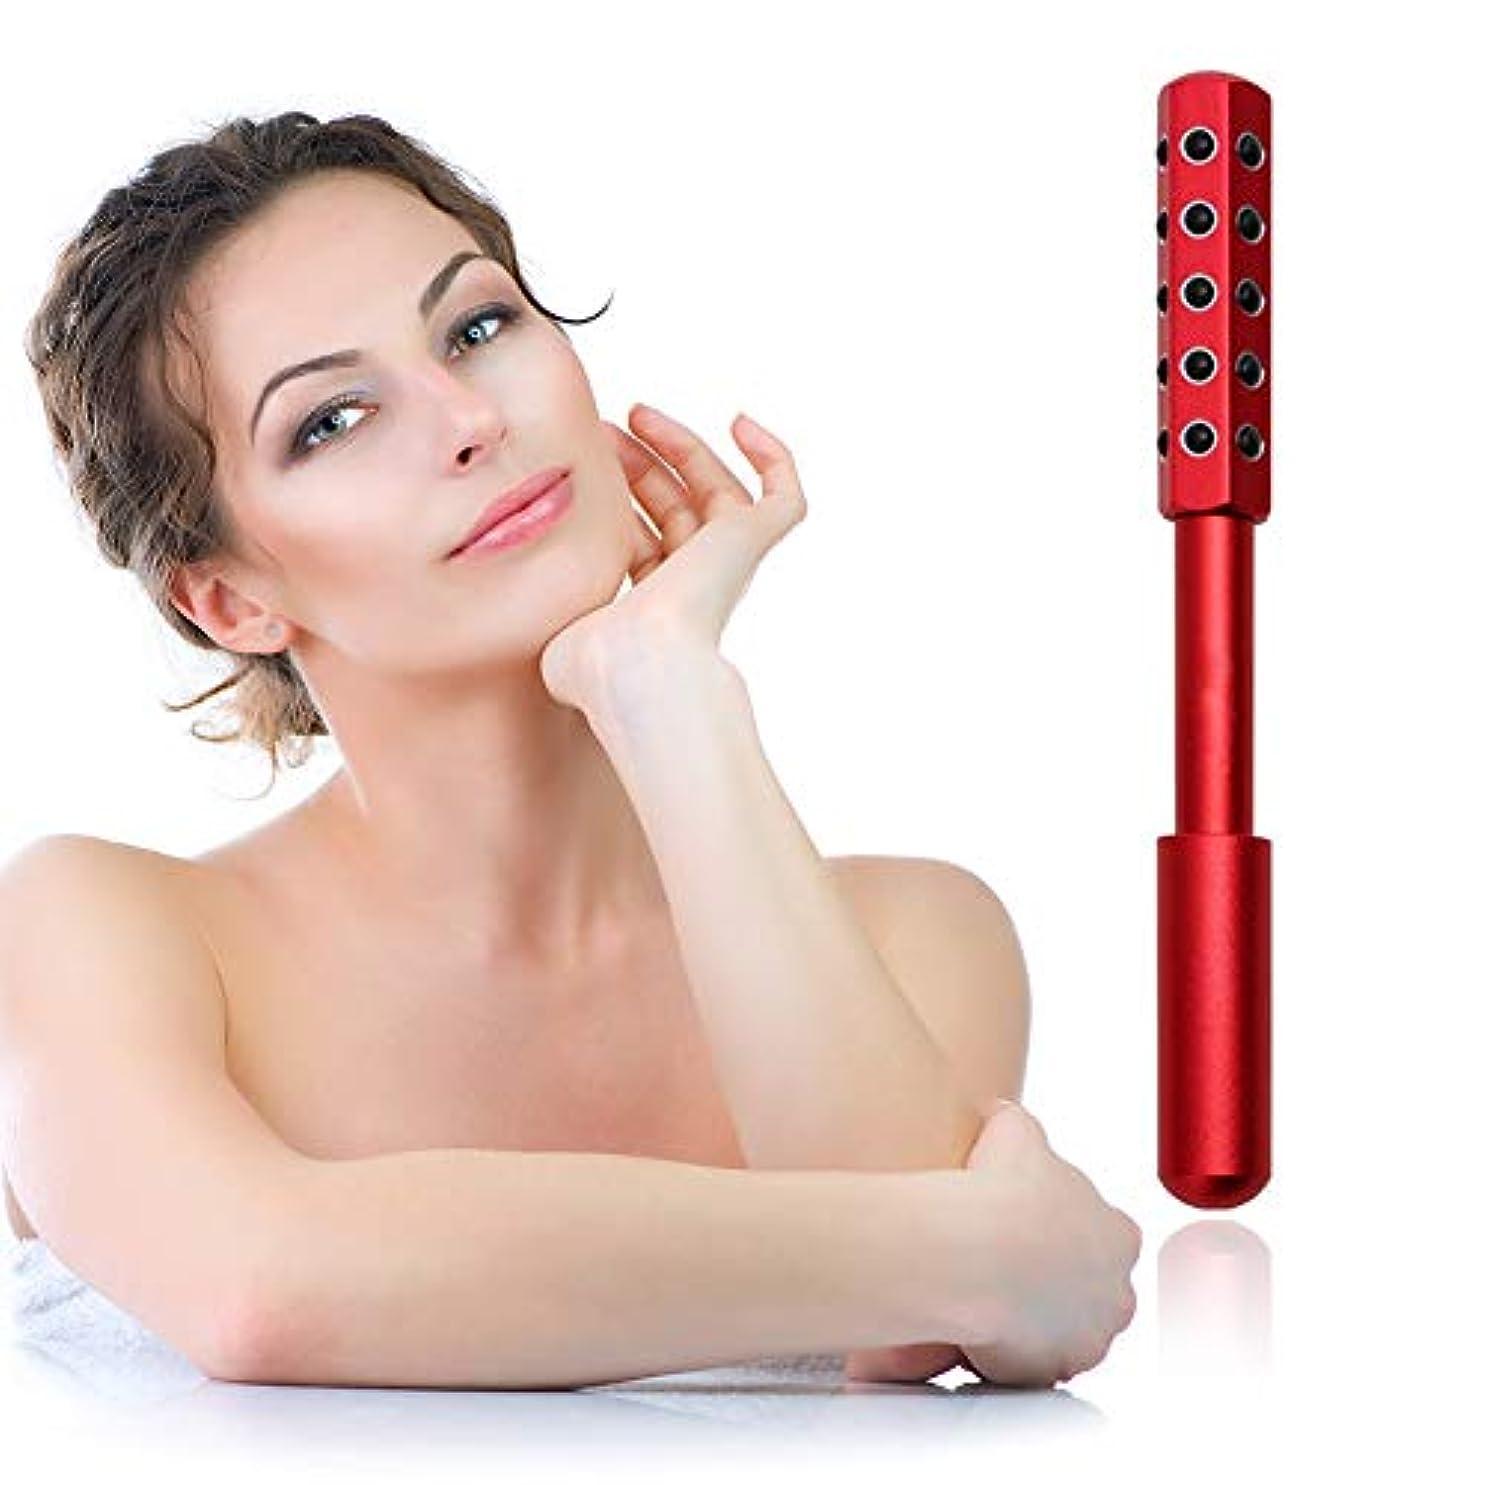 雨の今晩つまずく顔と体のためのゲルマニウムマッサージ美容ローラーは、血液の循環を促進し、皮膚の引き締め、毒素、皮膚の抗しわをクリア